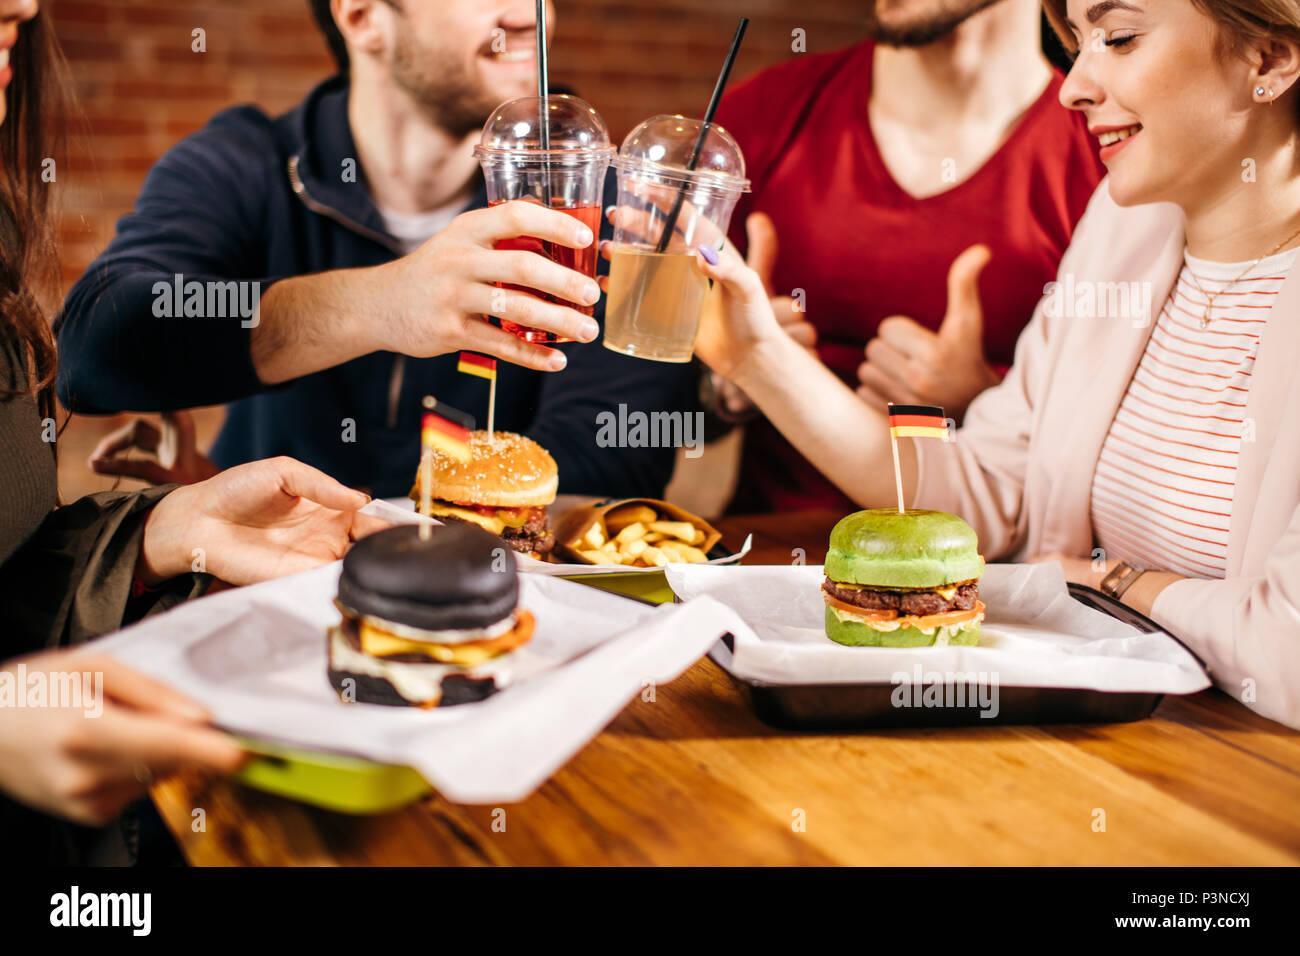 Freizeitaktivitäten, Feier, Fast Food Konsum, Menschen und Feiertage Konzept. Stockbild